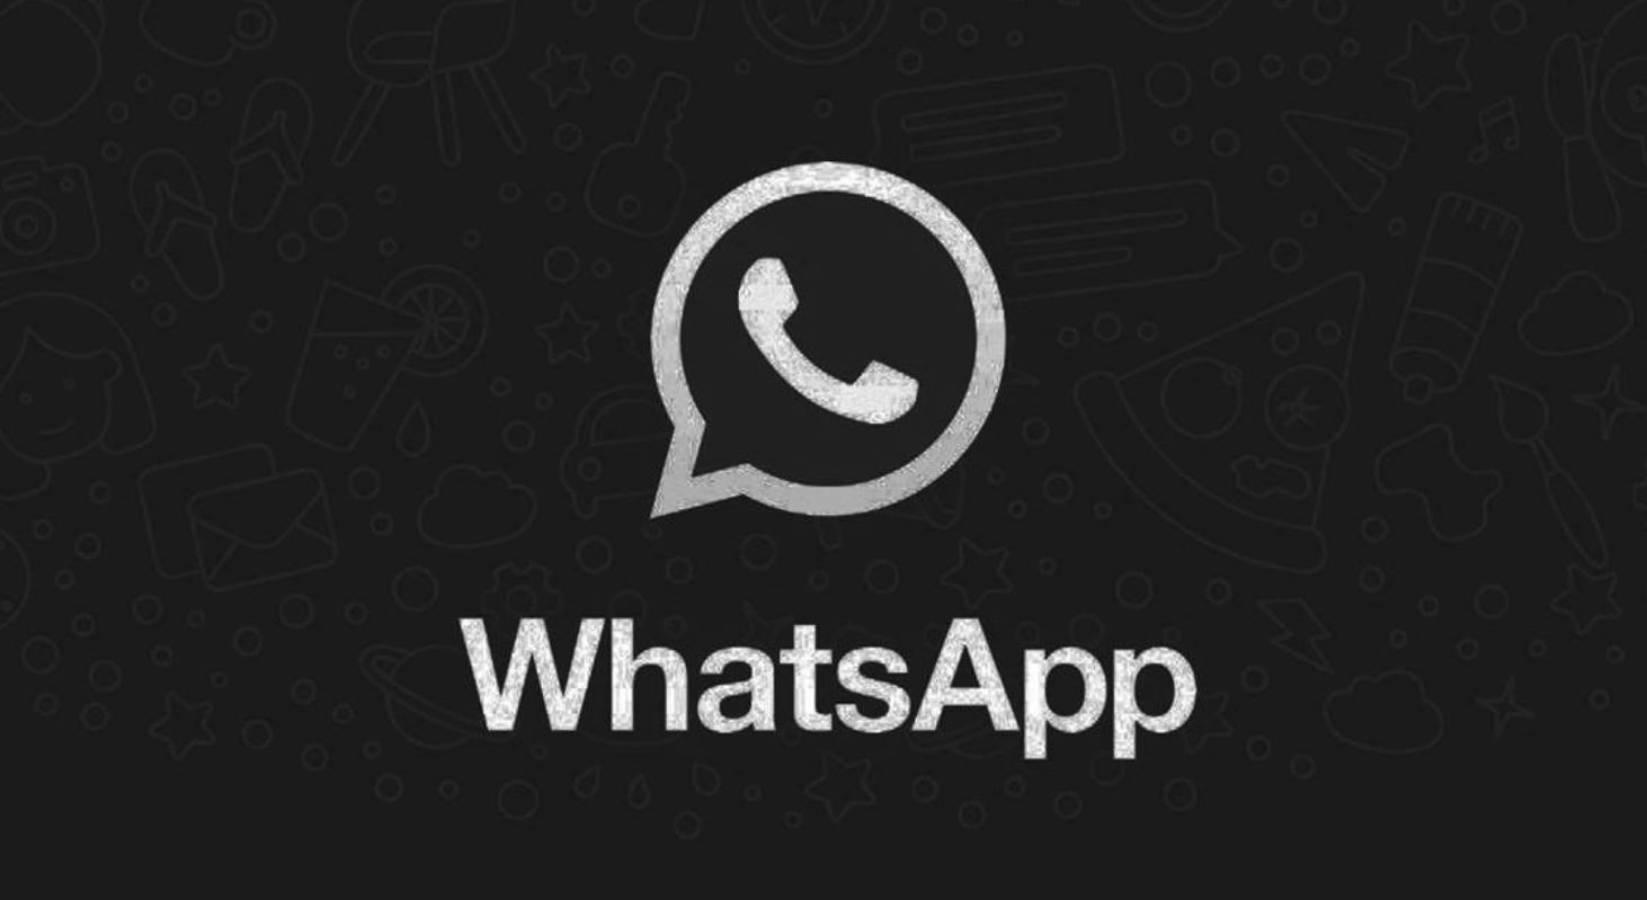 WhatsApp ACTIVezi DARK MODE